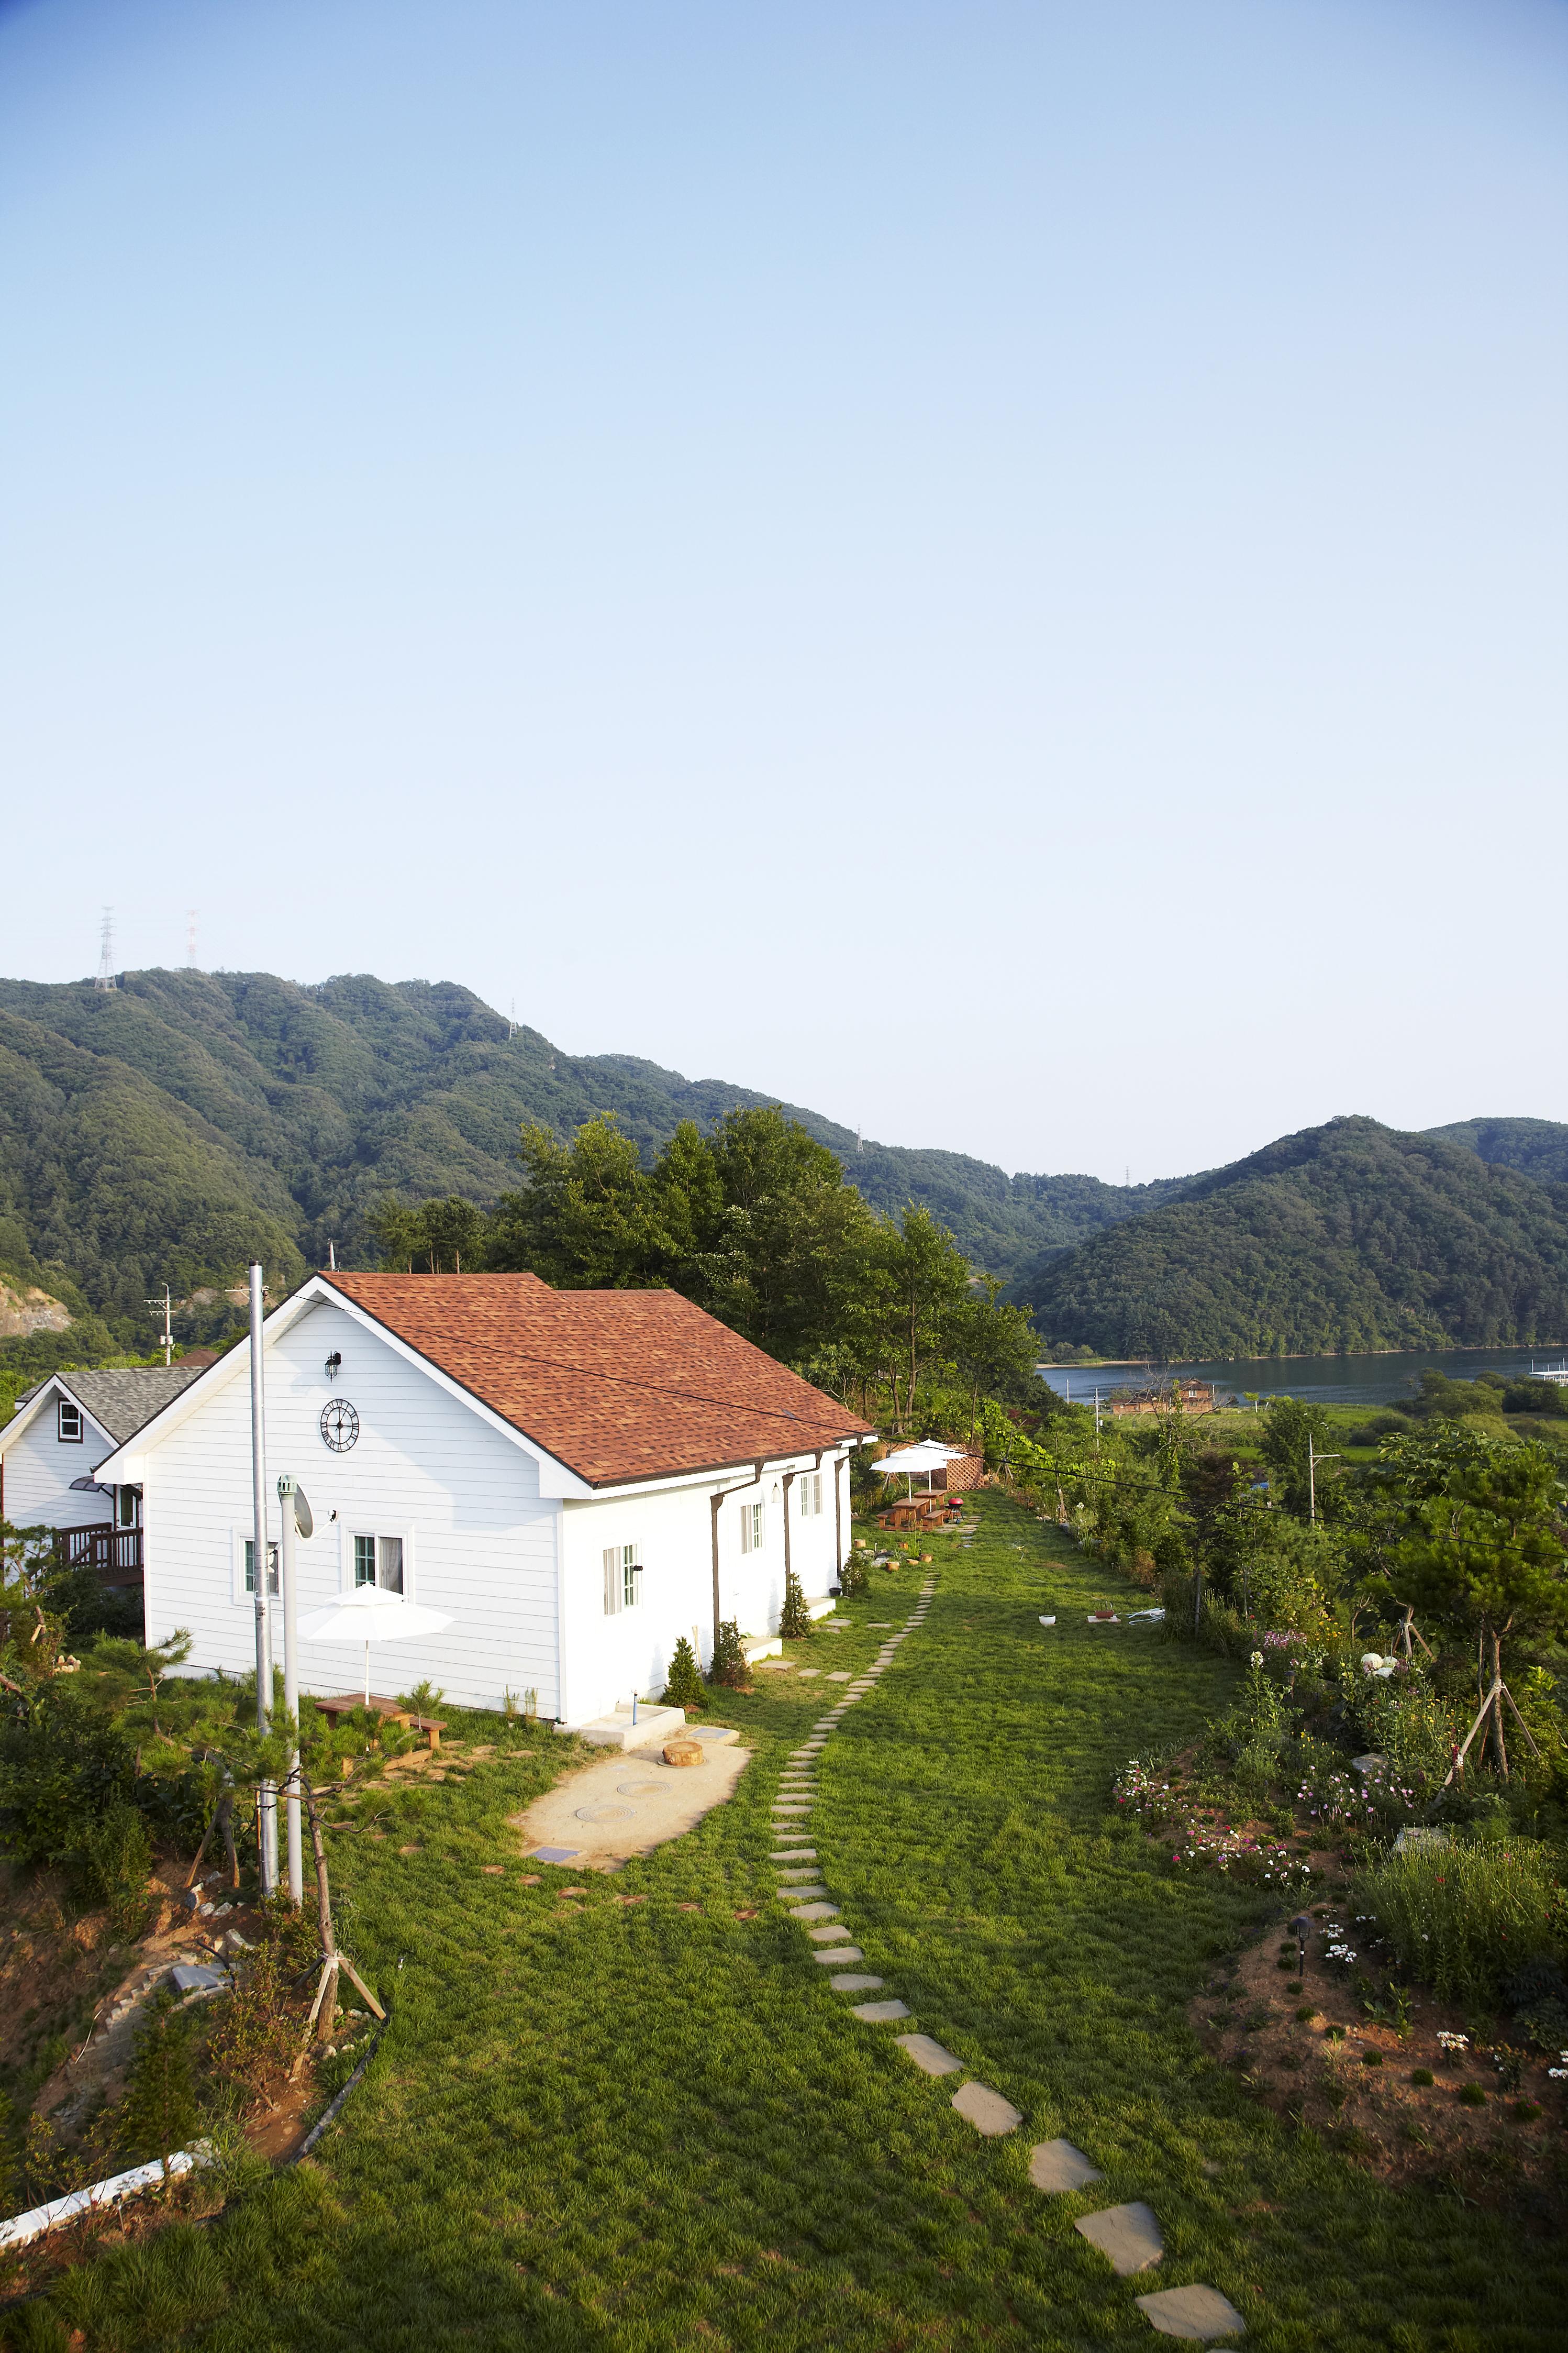 펜션동 2층에서 바라본 북한강